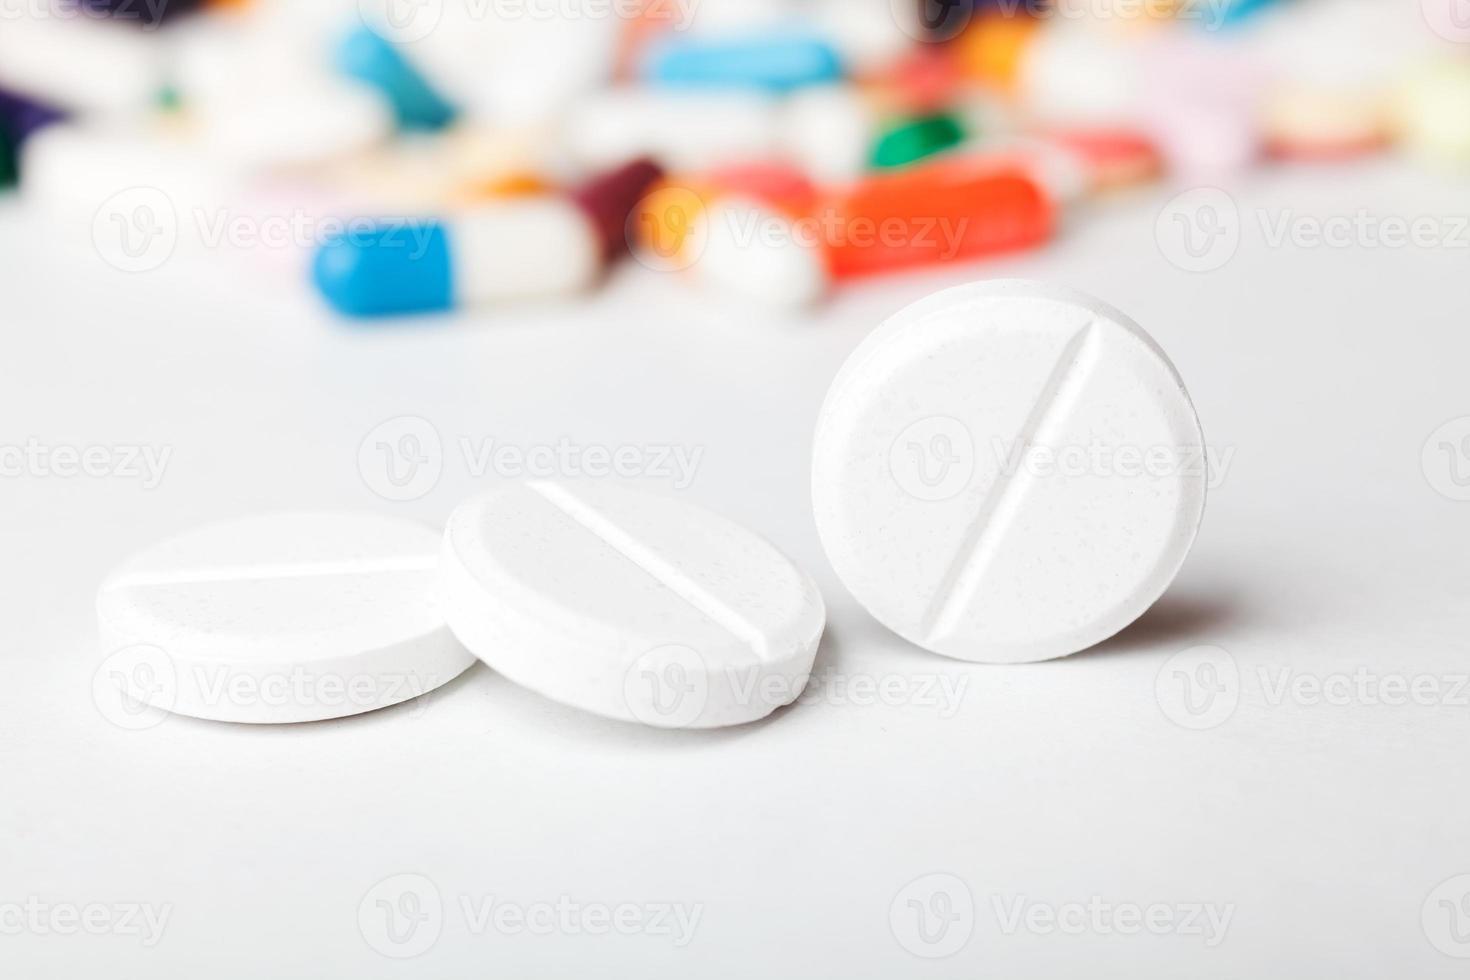 pastillas surtidas foto